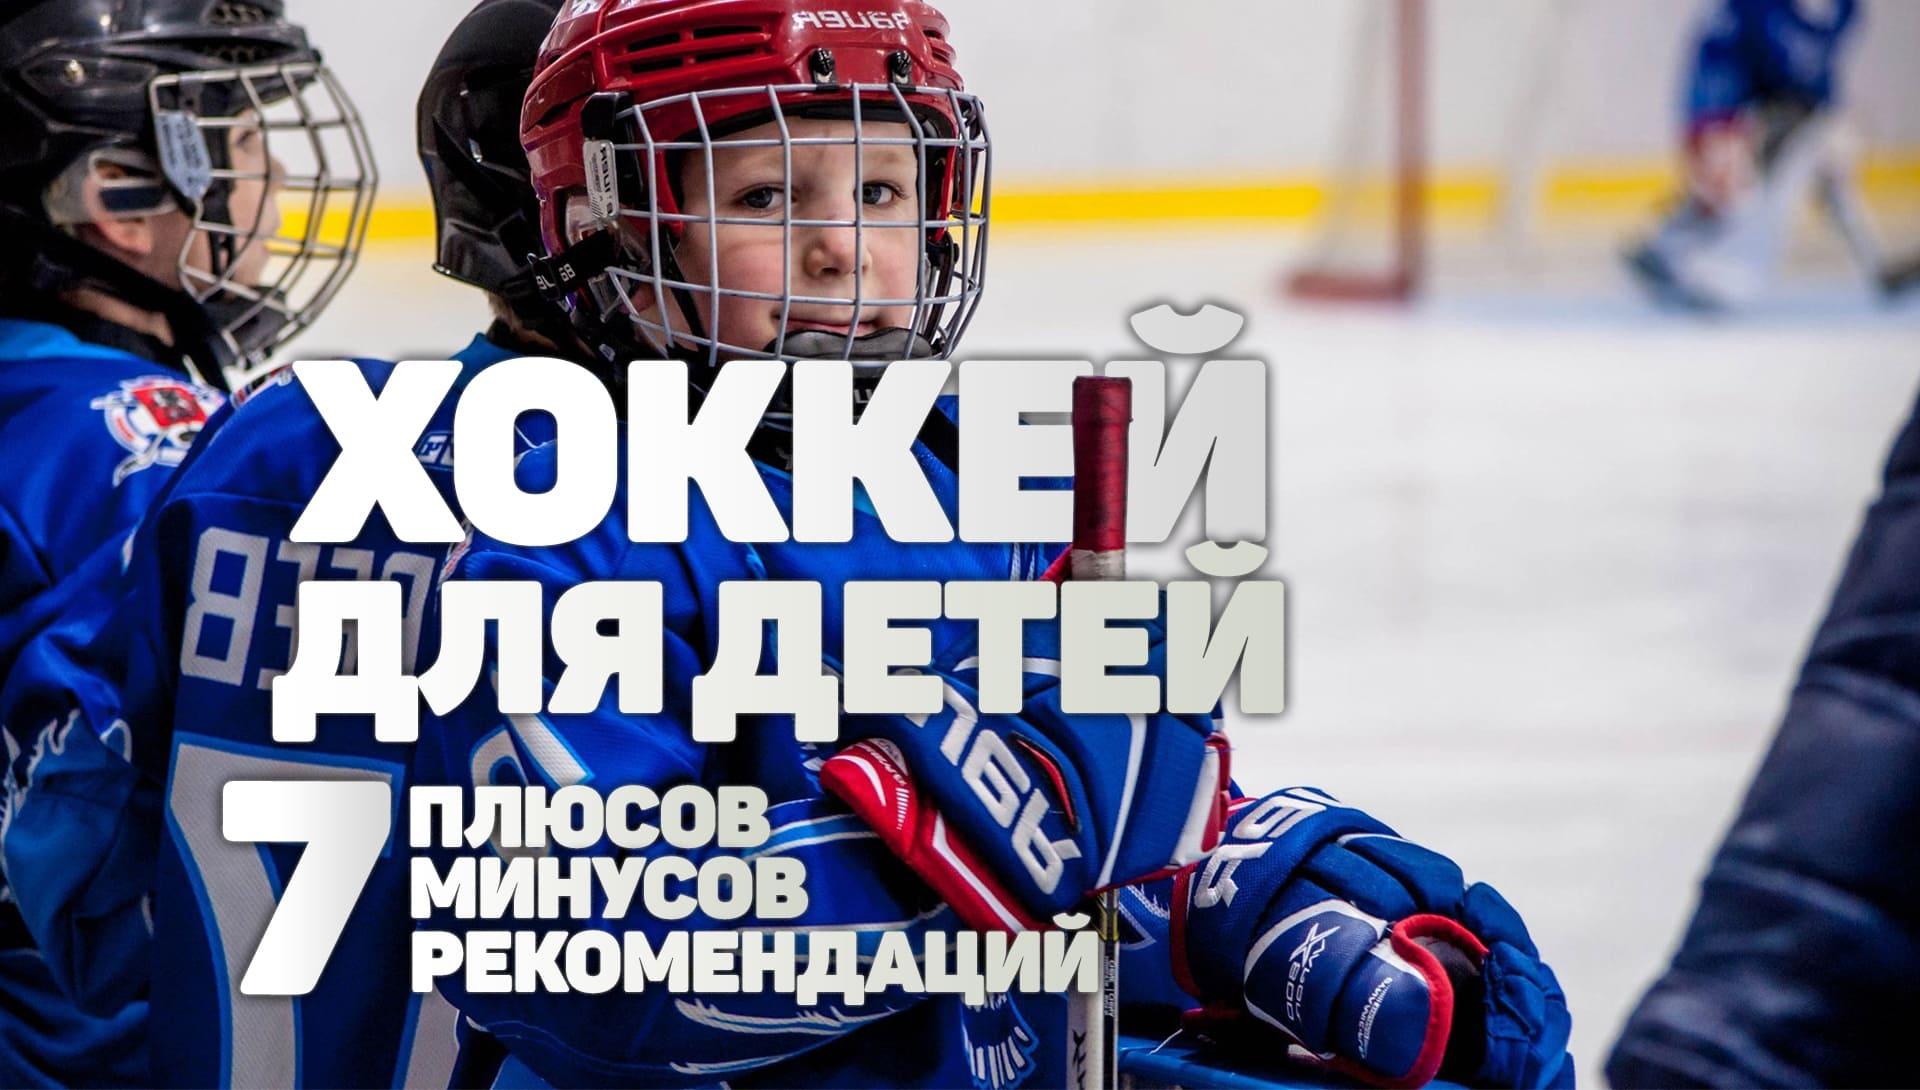 Хоккей для ребенка: 7 Плюсов, 7 Минусов и 7 рекомендаций фото №1